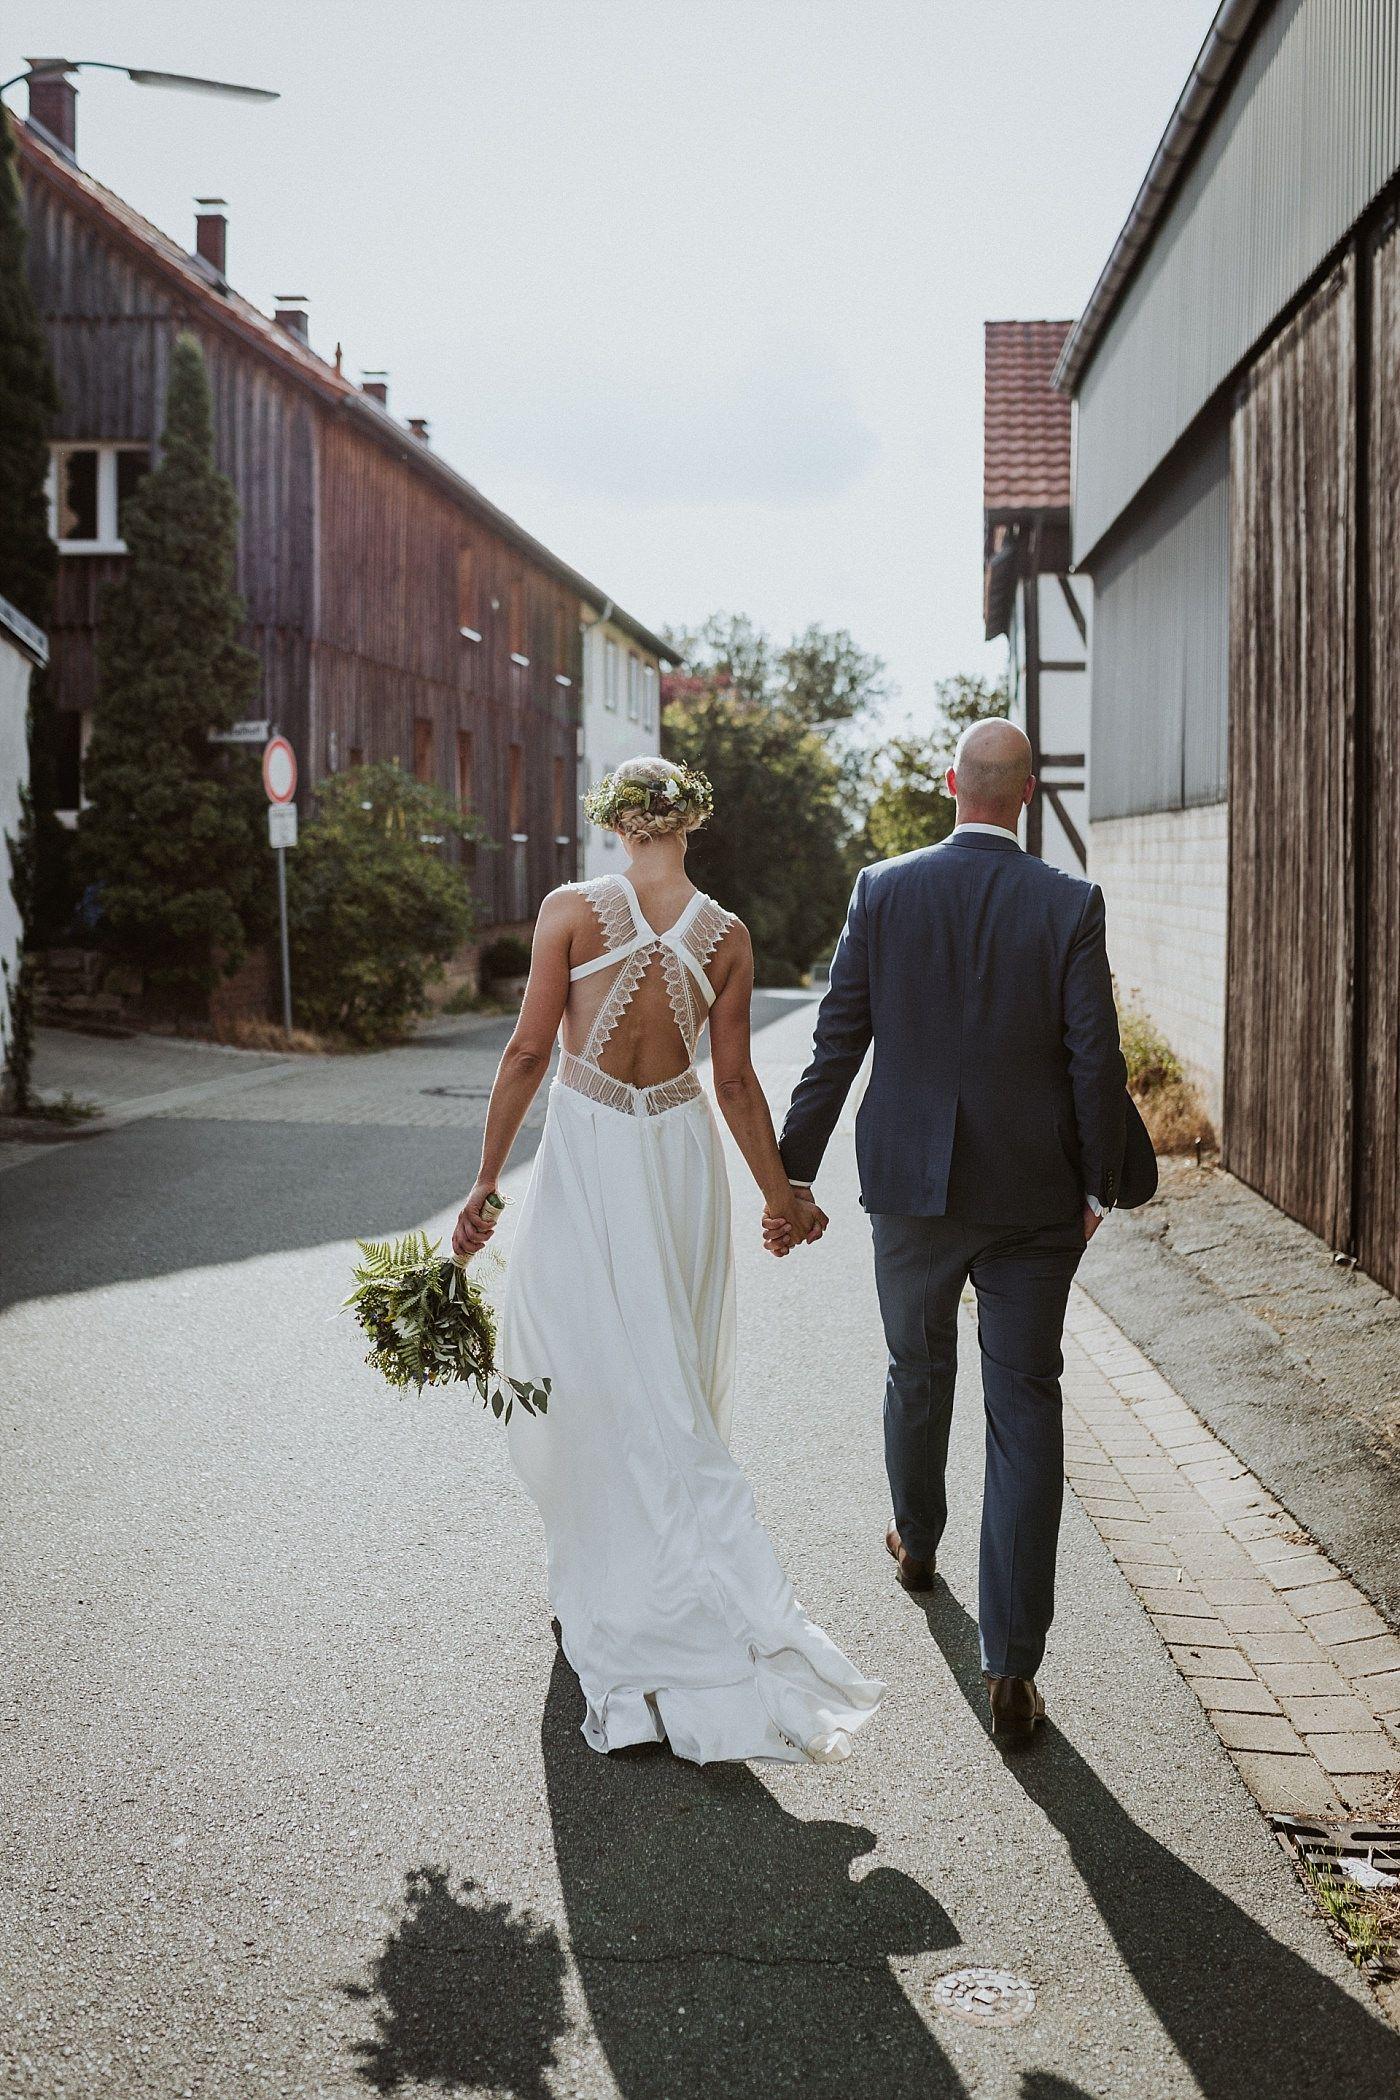 Diy Scheunenhochzeit In Norddeutschland Bild Die Liebenden Hochzeitsfotografie Diy W Brautkleider Romantisch Hochzeitskleider Spitze Hochzeitskleid Spitze